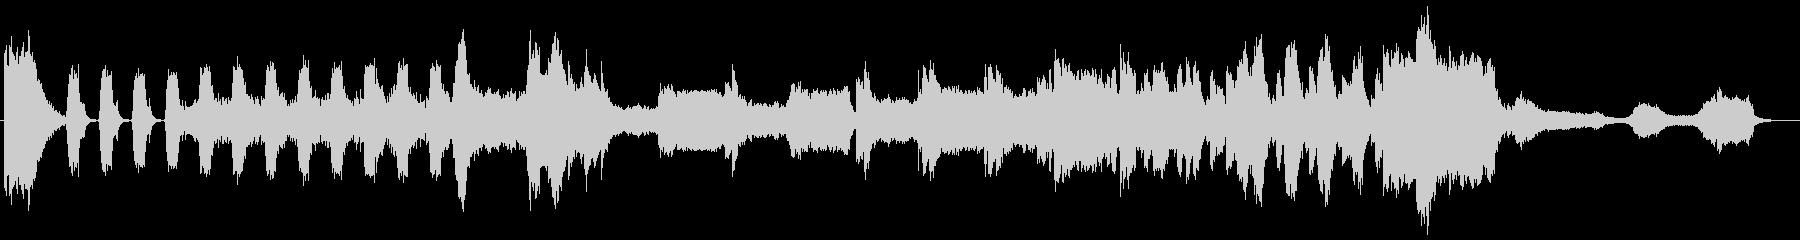 終焉をイメージしたBGMの未再生の波形